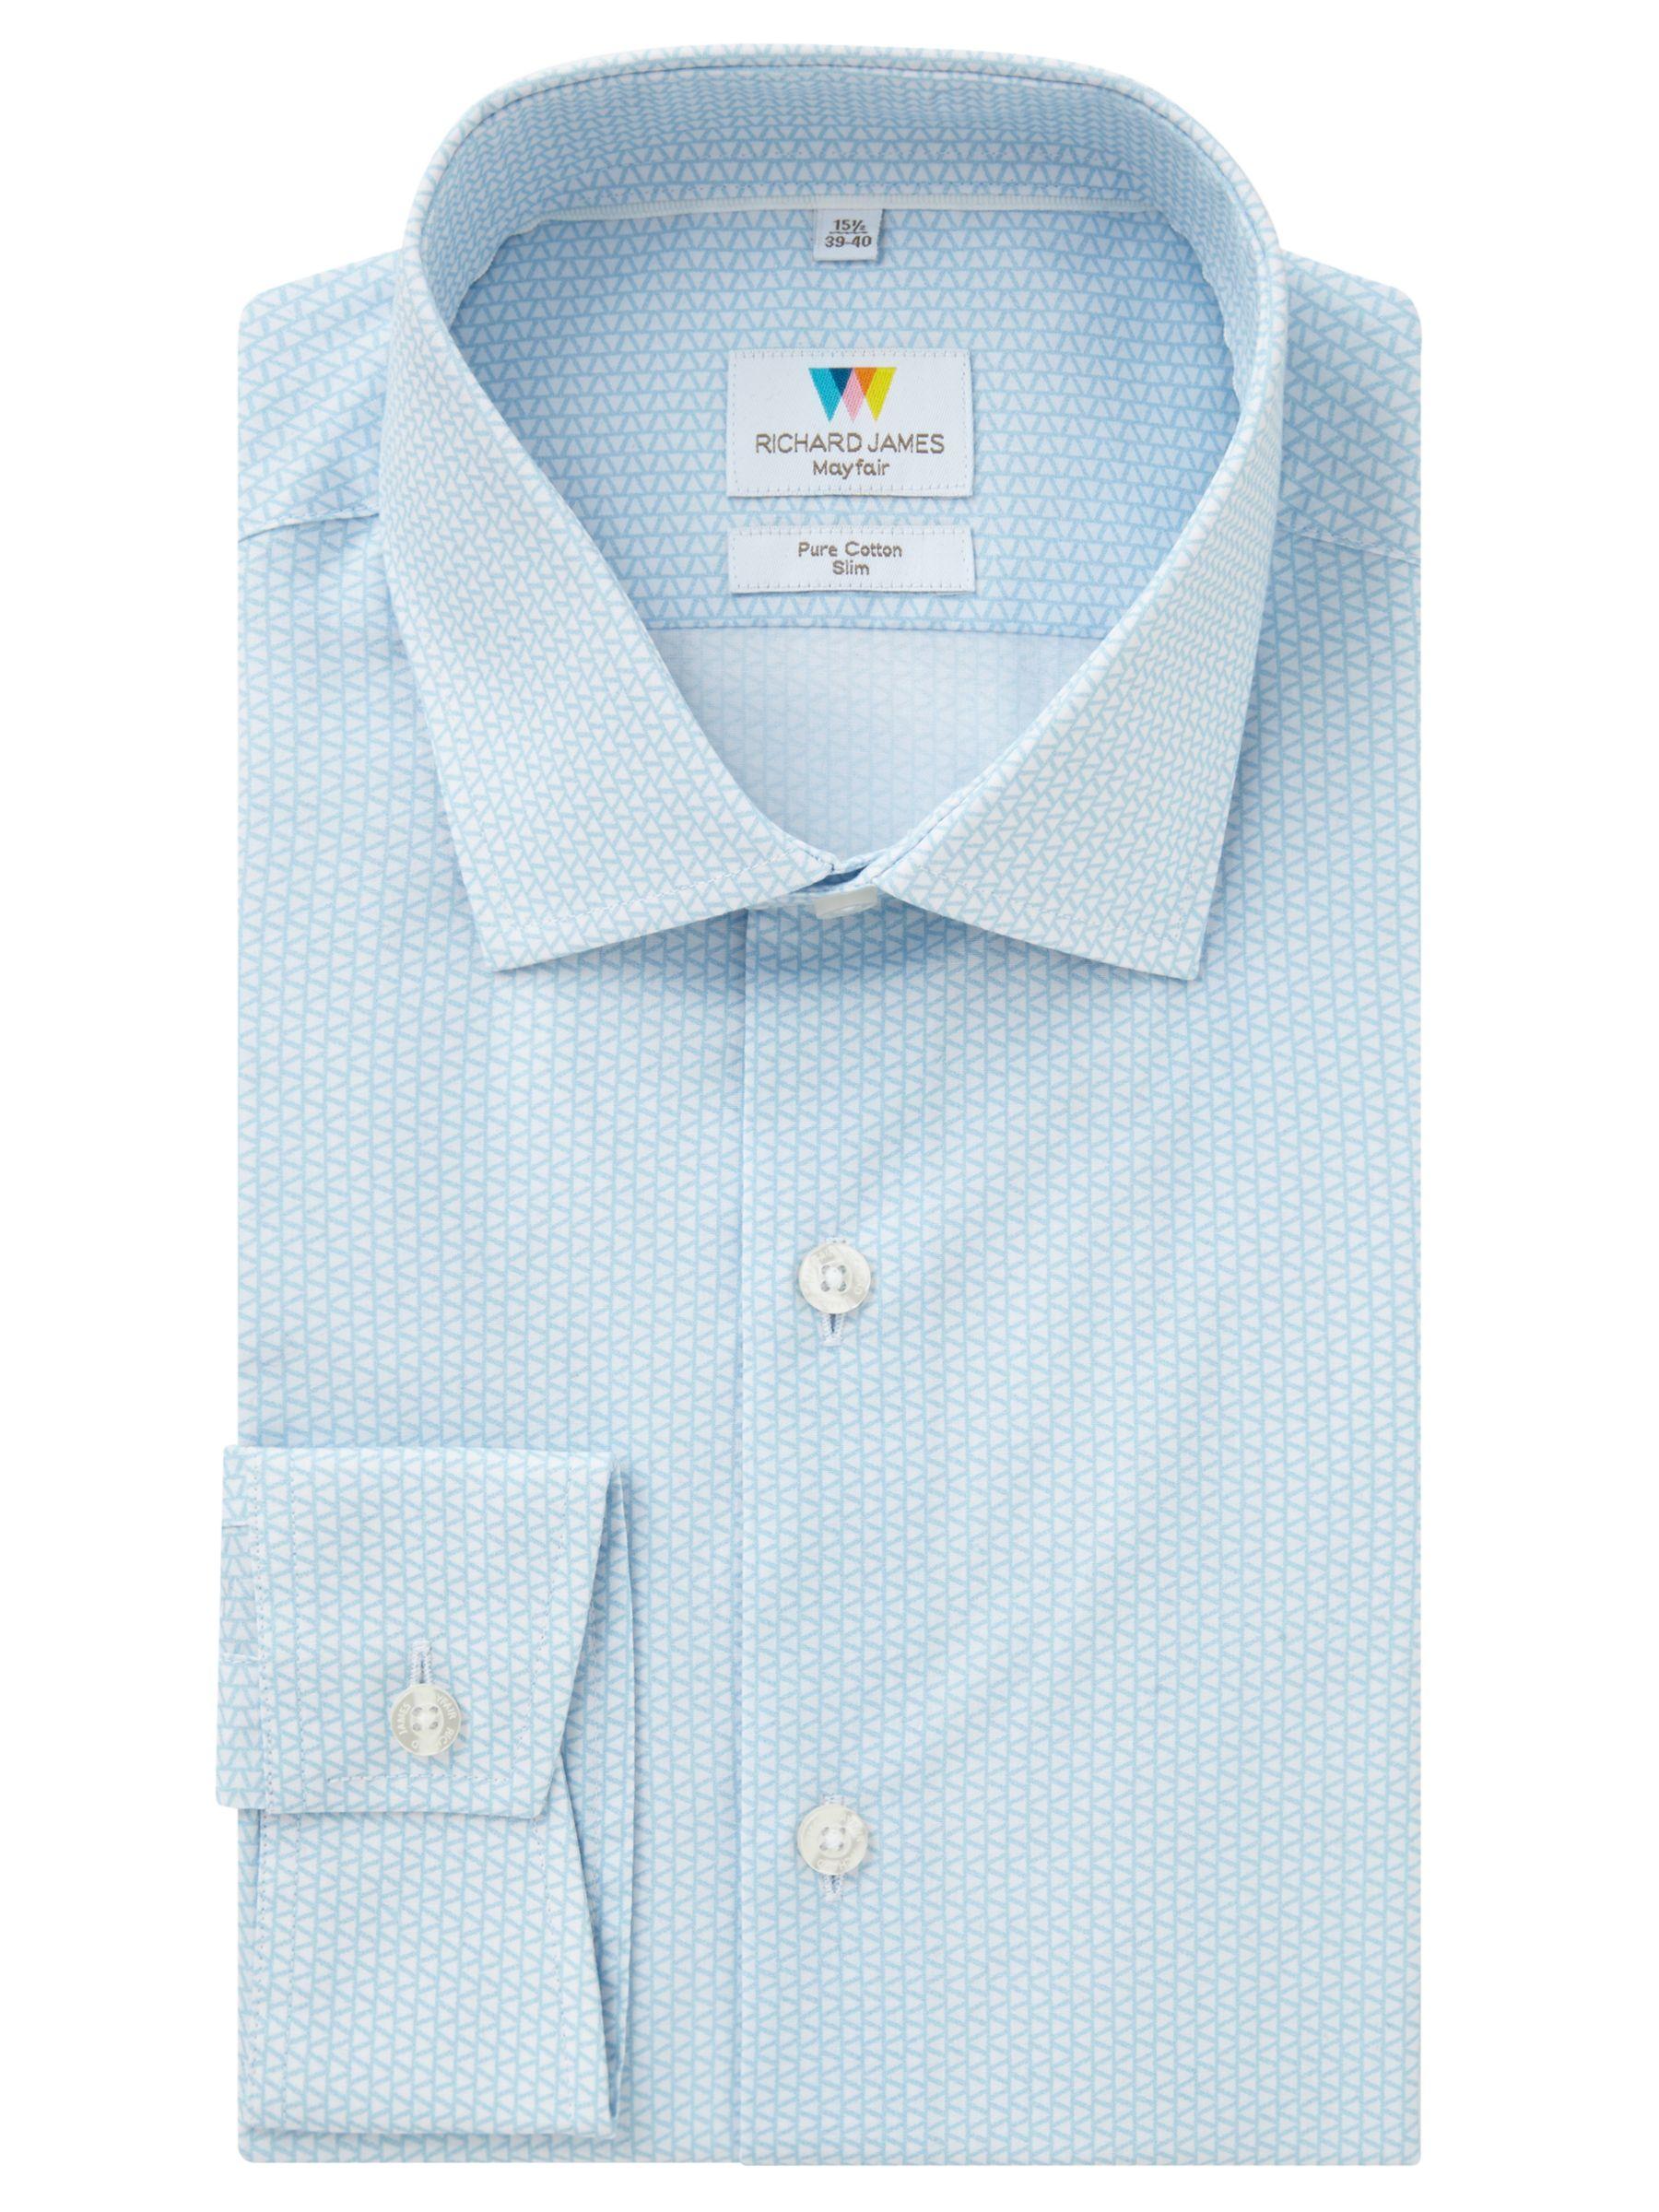 Richard James Mayfair Richard James Mayfair Print Slim Fit Shirt, Blue/White